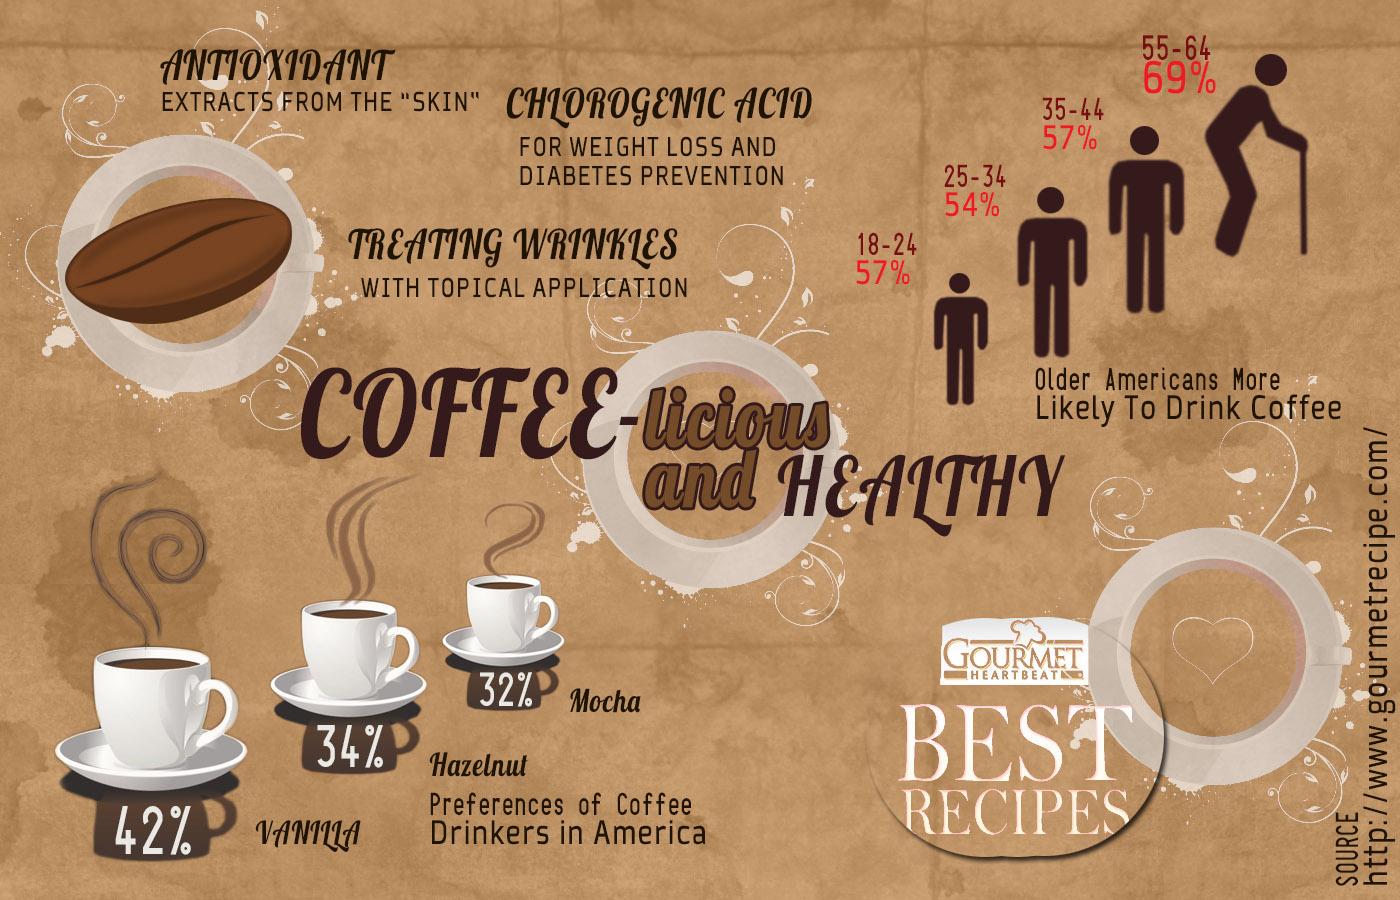 CoffeeliciousandHealthy_51ecaaab6d221